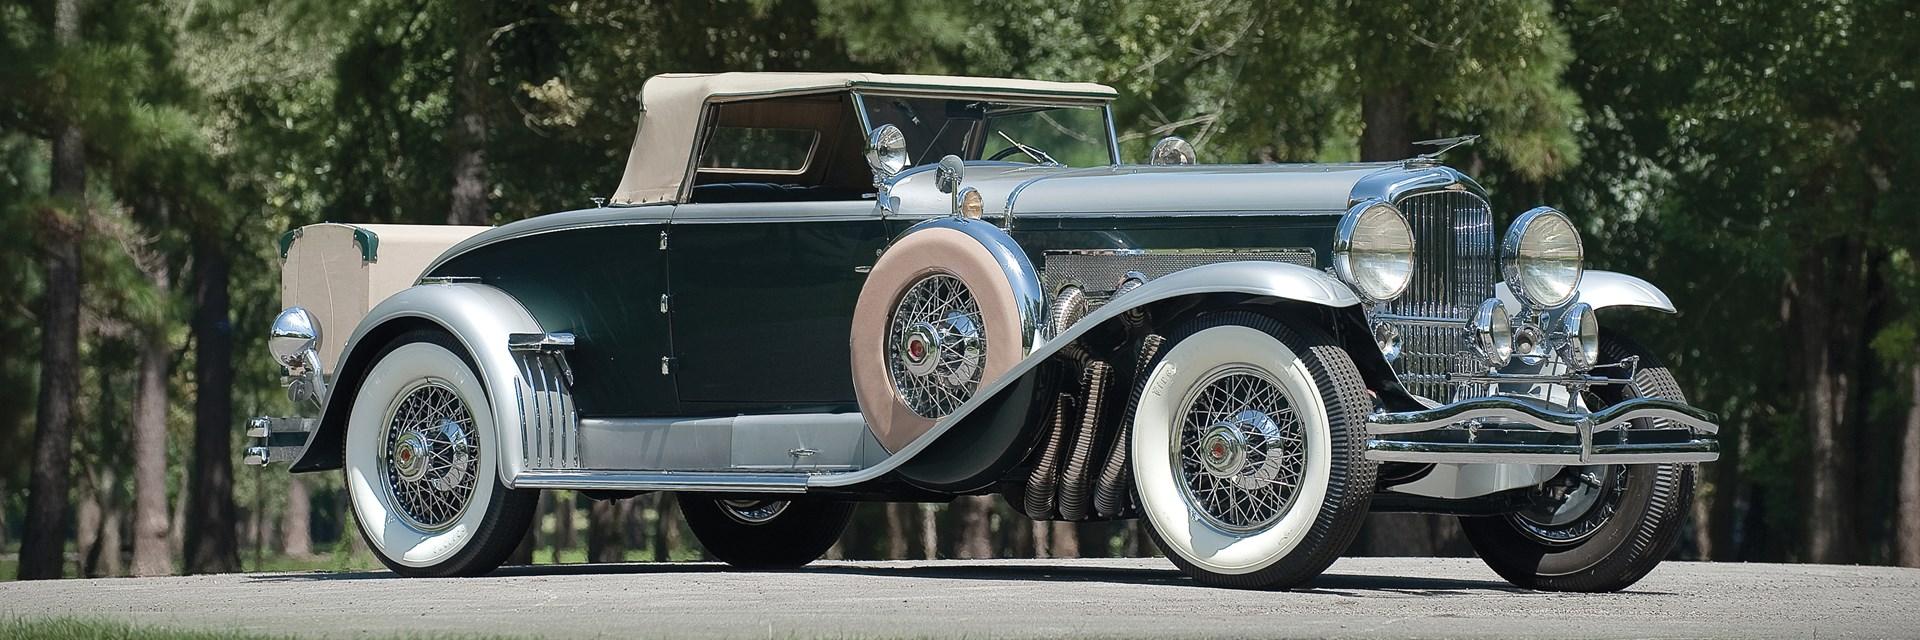 Vintage Motor Cars of Hershey